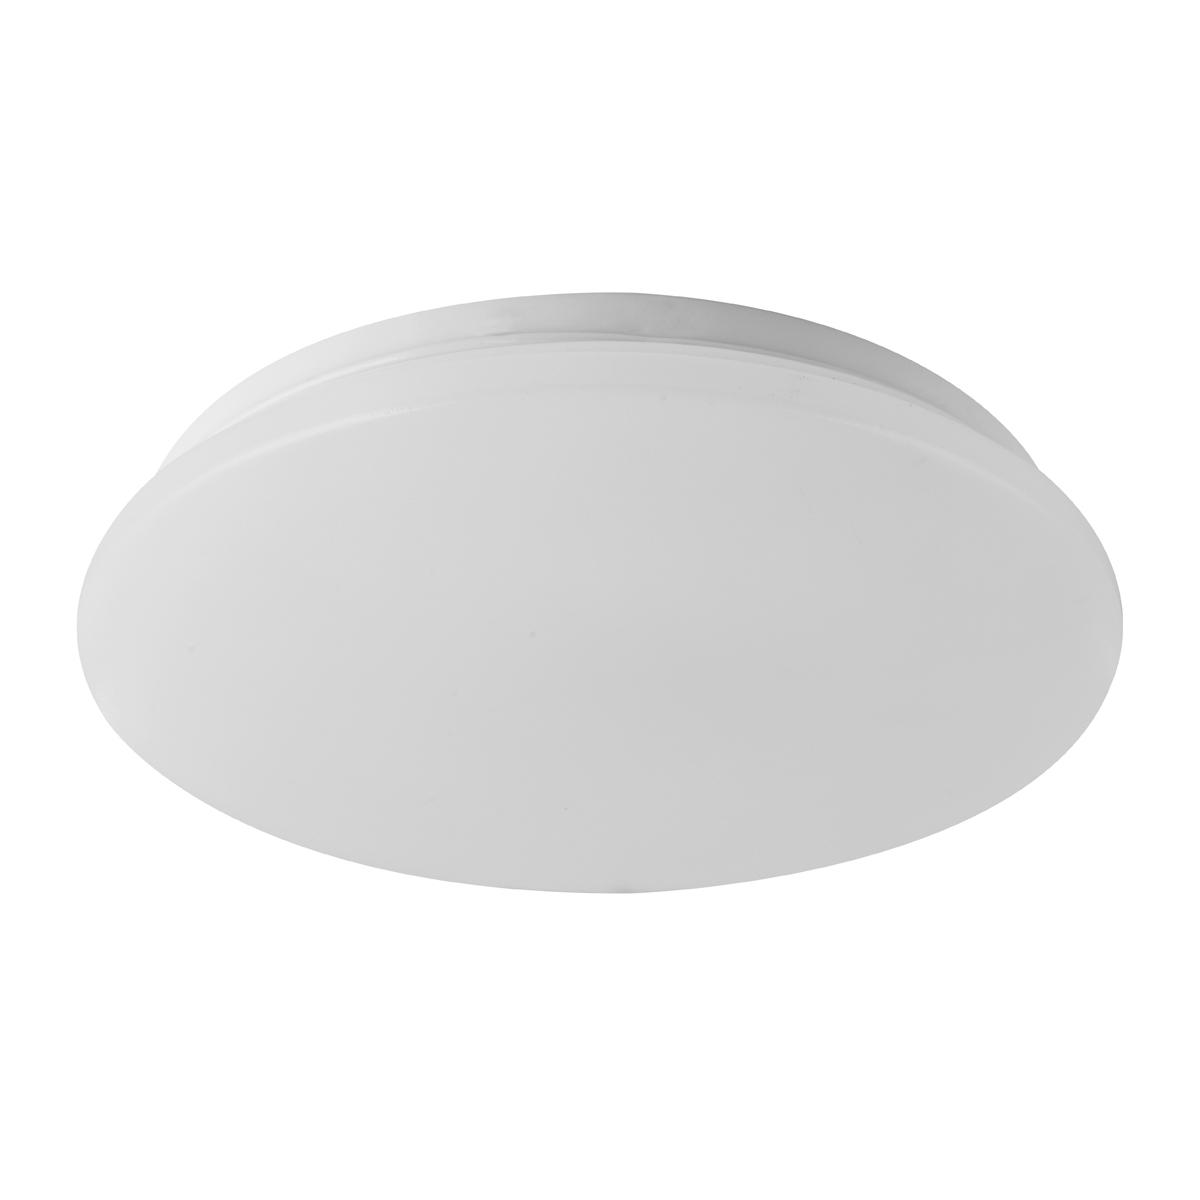 Platinet plafond lamp / plafonniere, 18W, 4000K, frosted, 260mm doorsnede, 1260lumen